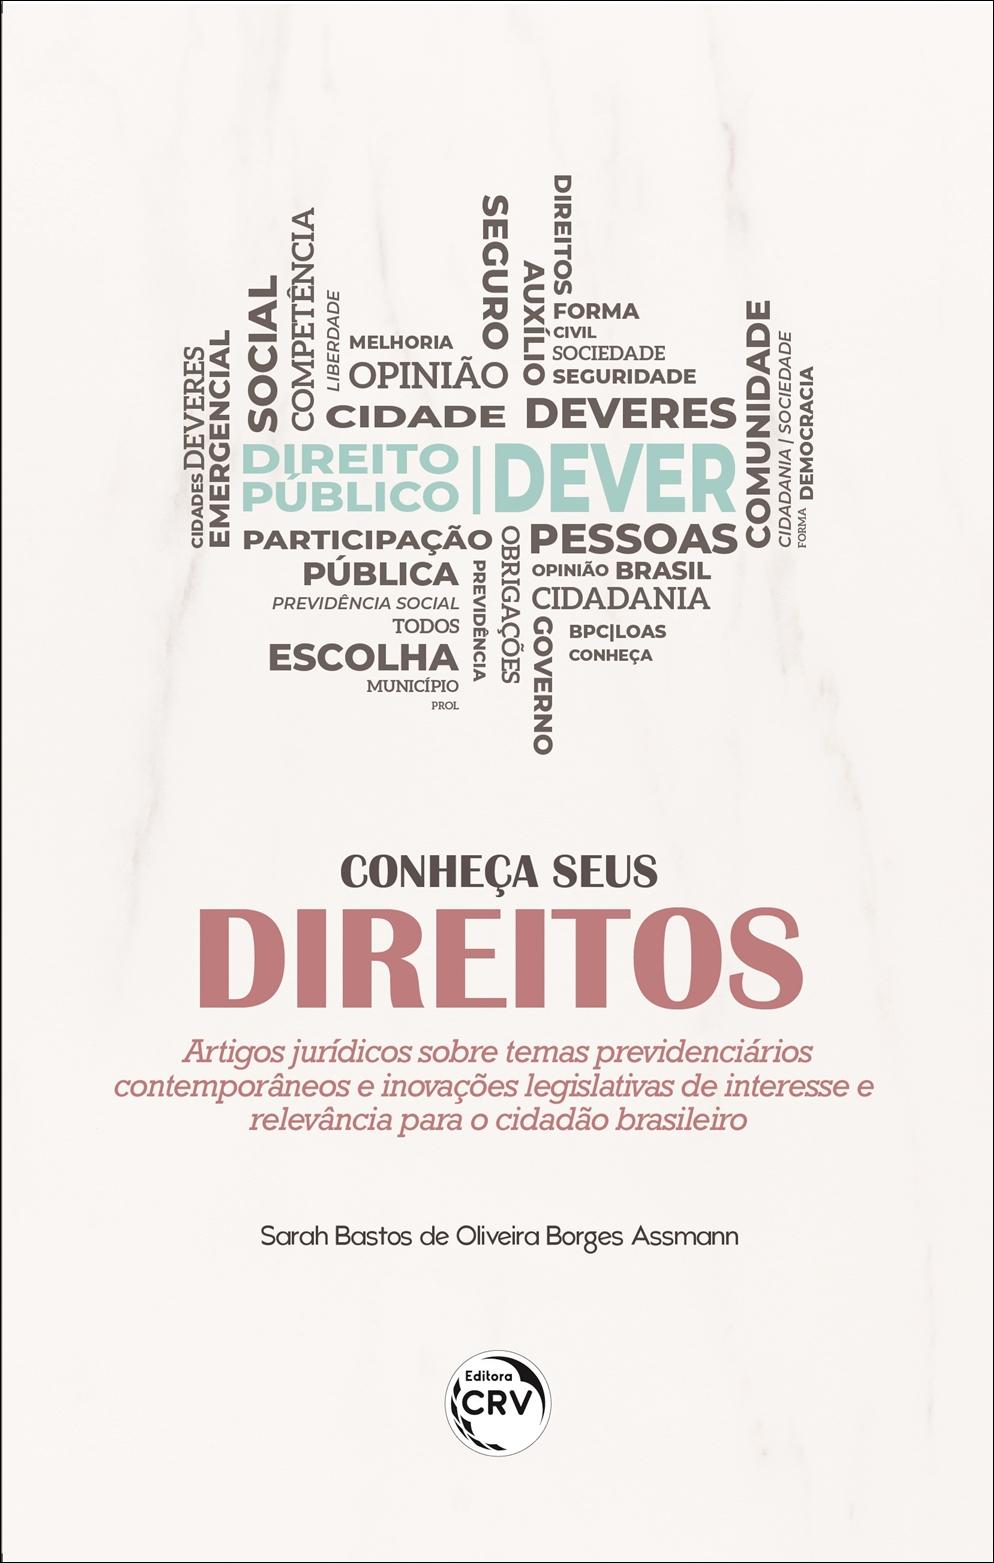 Capa do livro: CONHEÇA SEUS DIREITOS: <br>Artigos Jurídicos sobre Temas Previdenciários Contemporâneos e Inovações Legislativas de Interesse e Relevância para o Cidadão Brasileiro